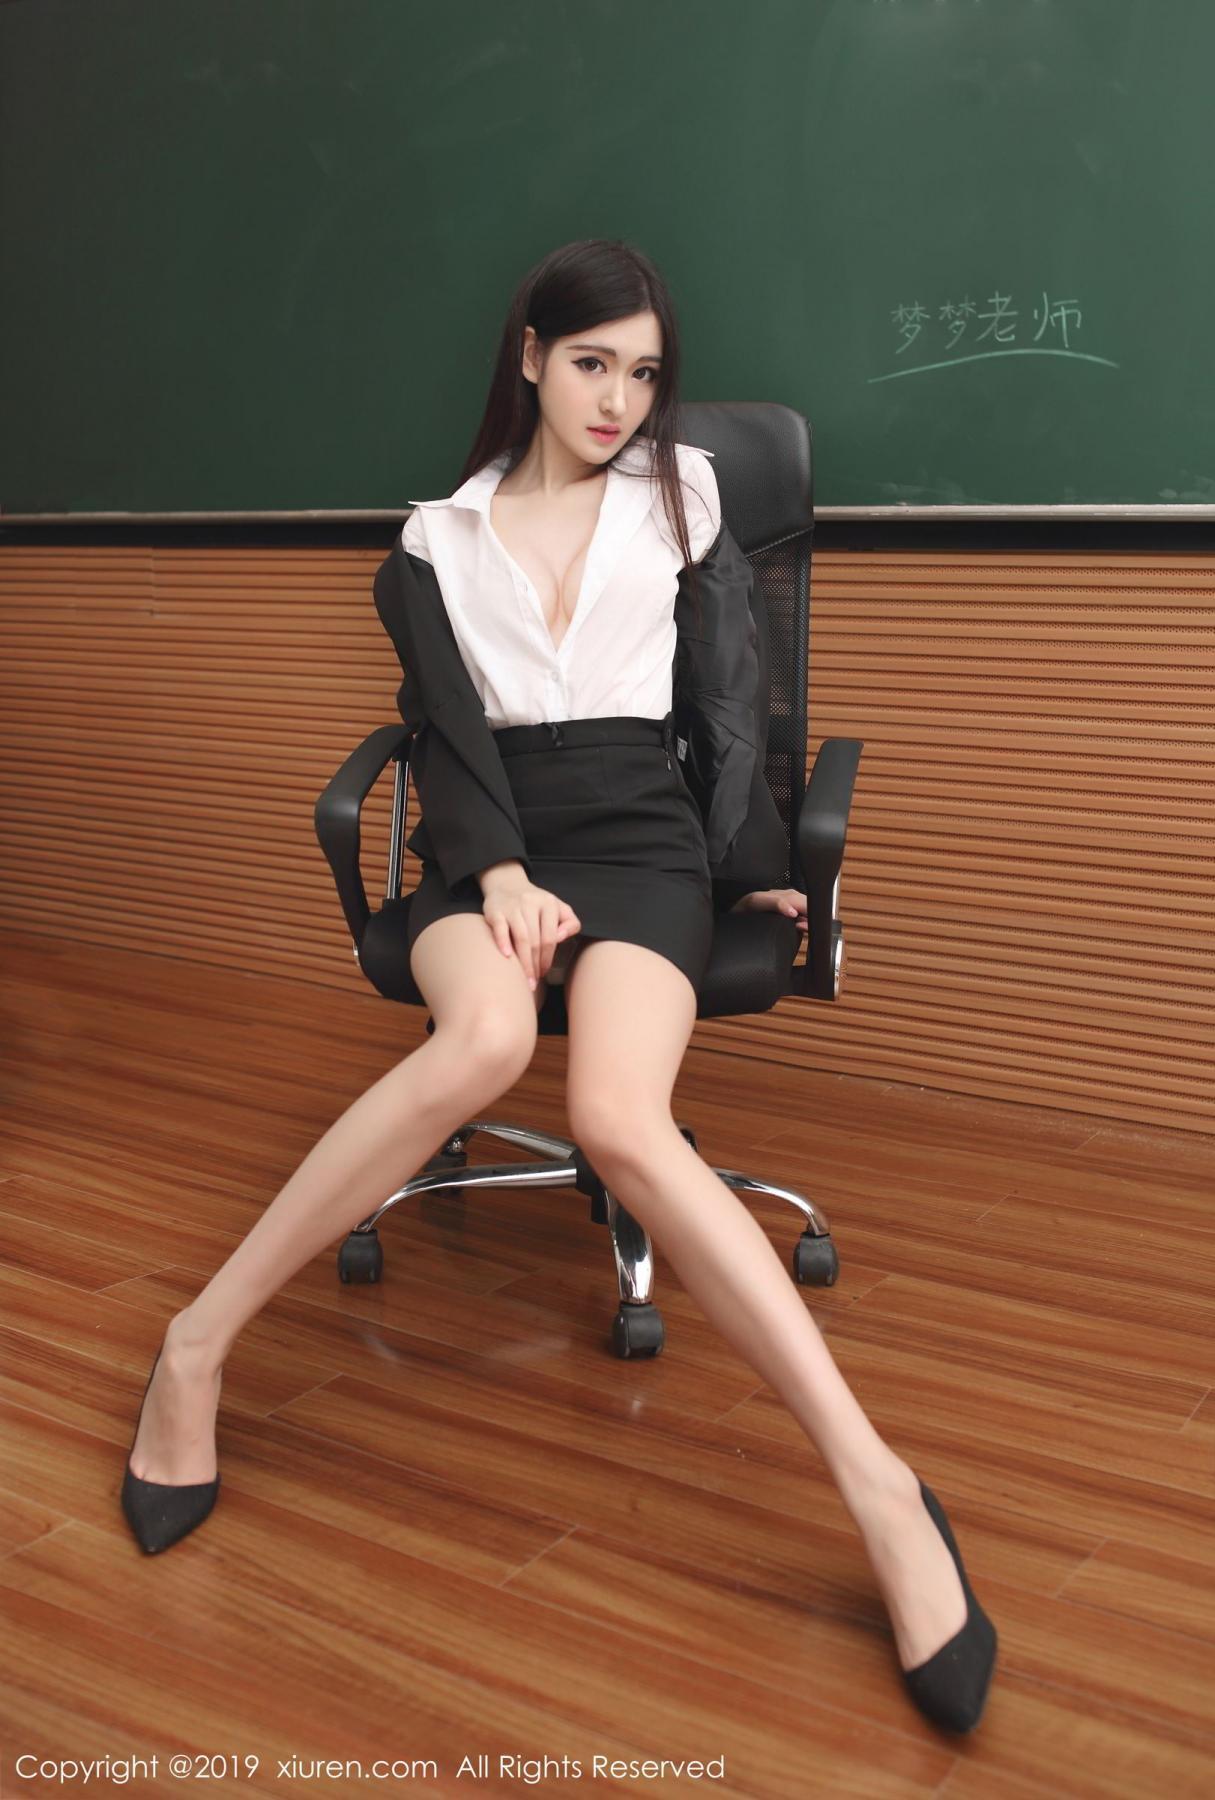 [XiuRen] Vol.1480 Shen Meng Yao 3P, Shen Meng Yao, Tall, Uniform, Xiuren